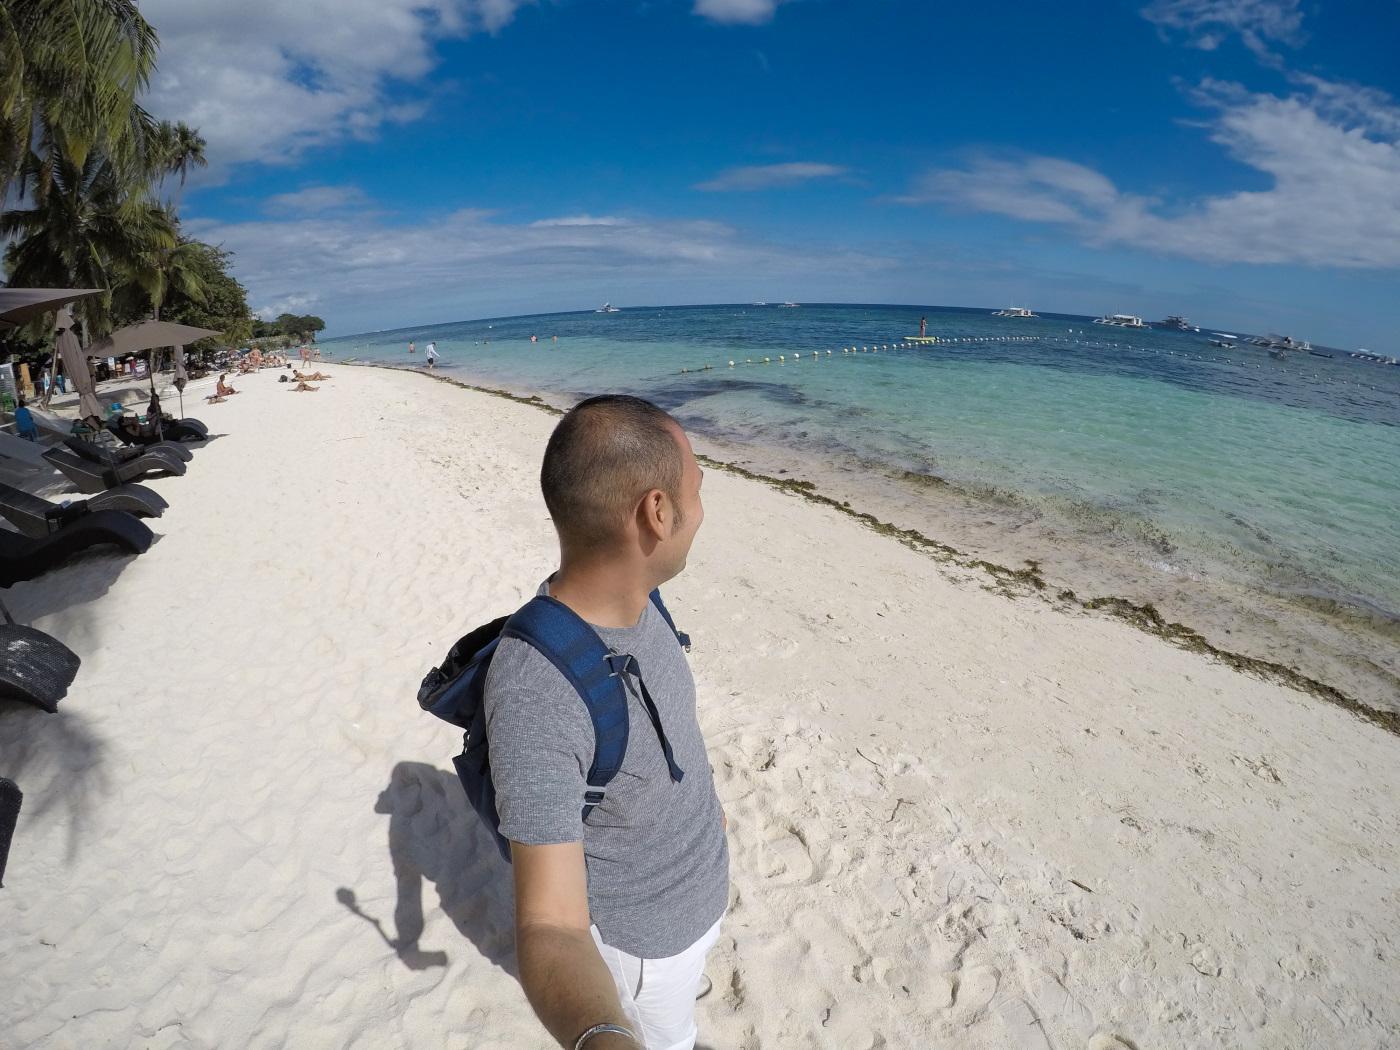 ボホール島のアロナビーチを歩く男性